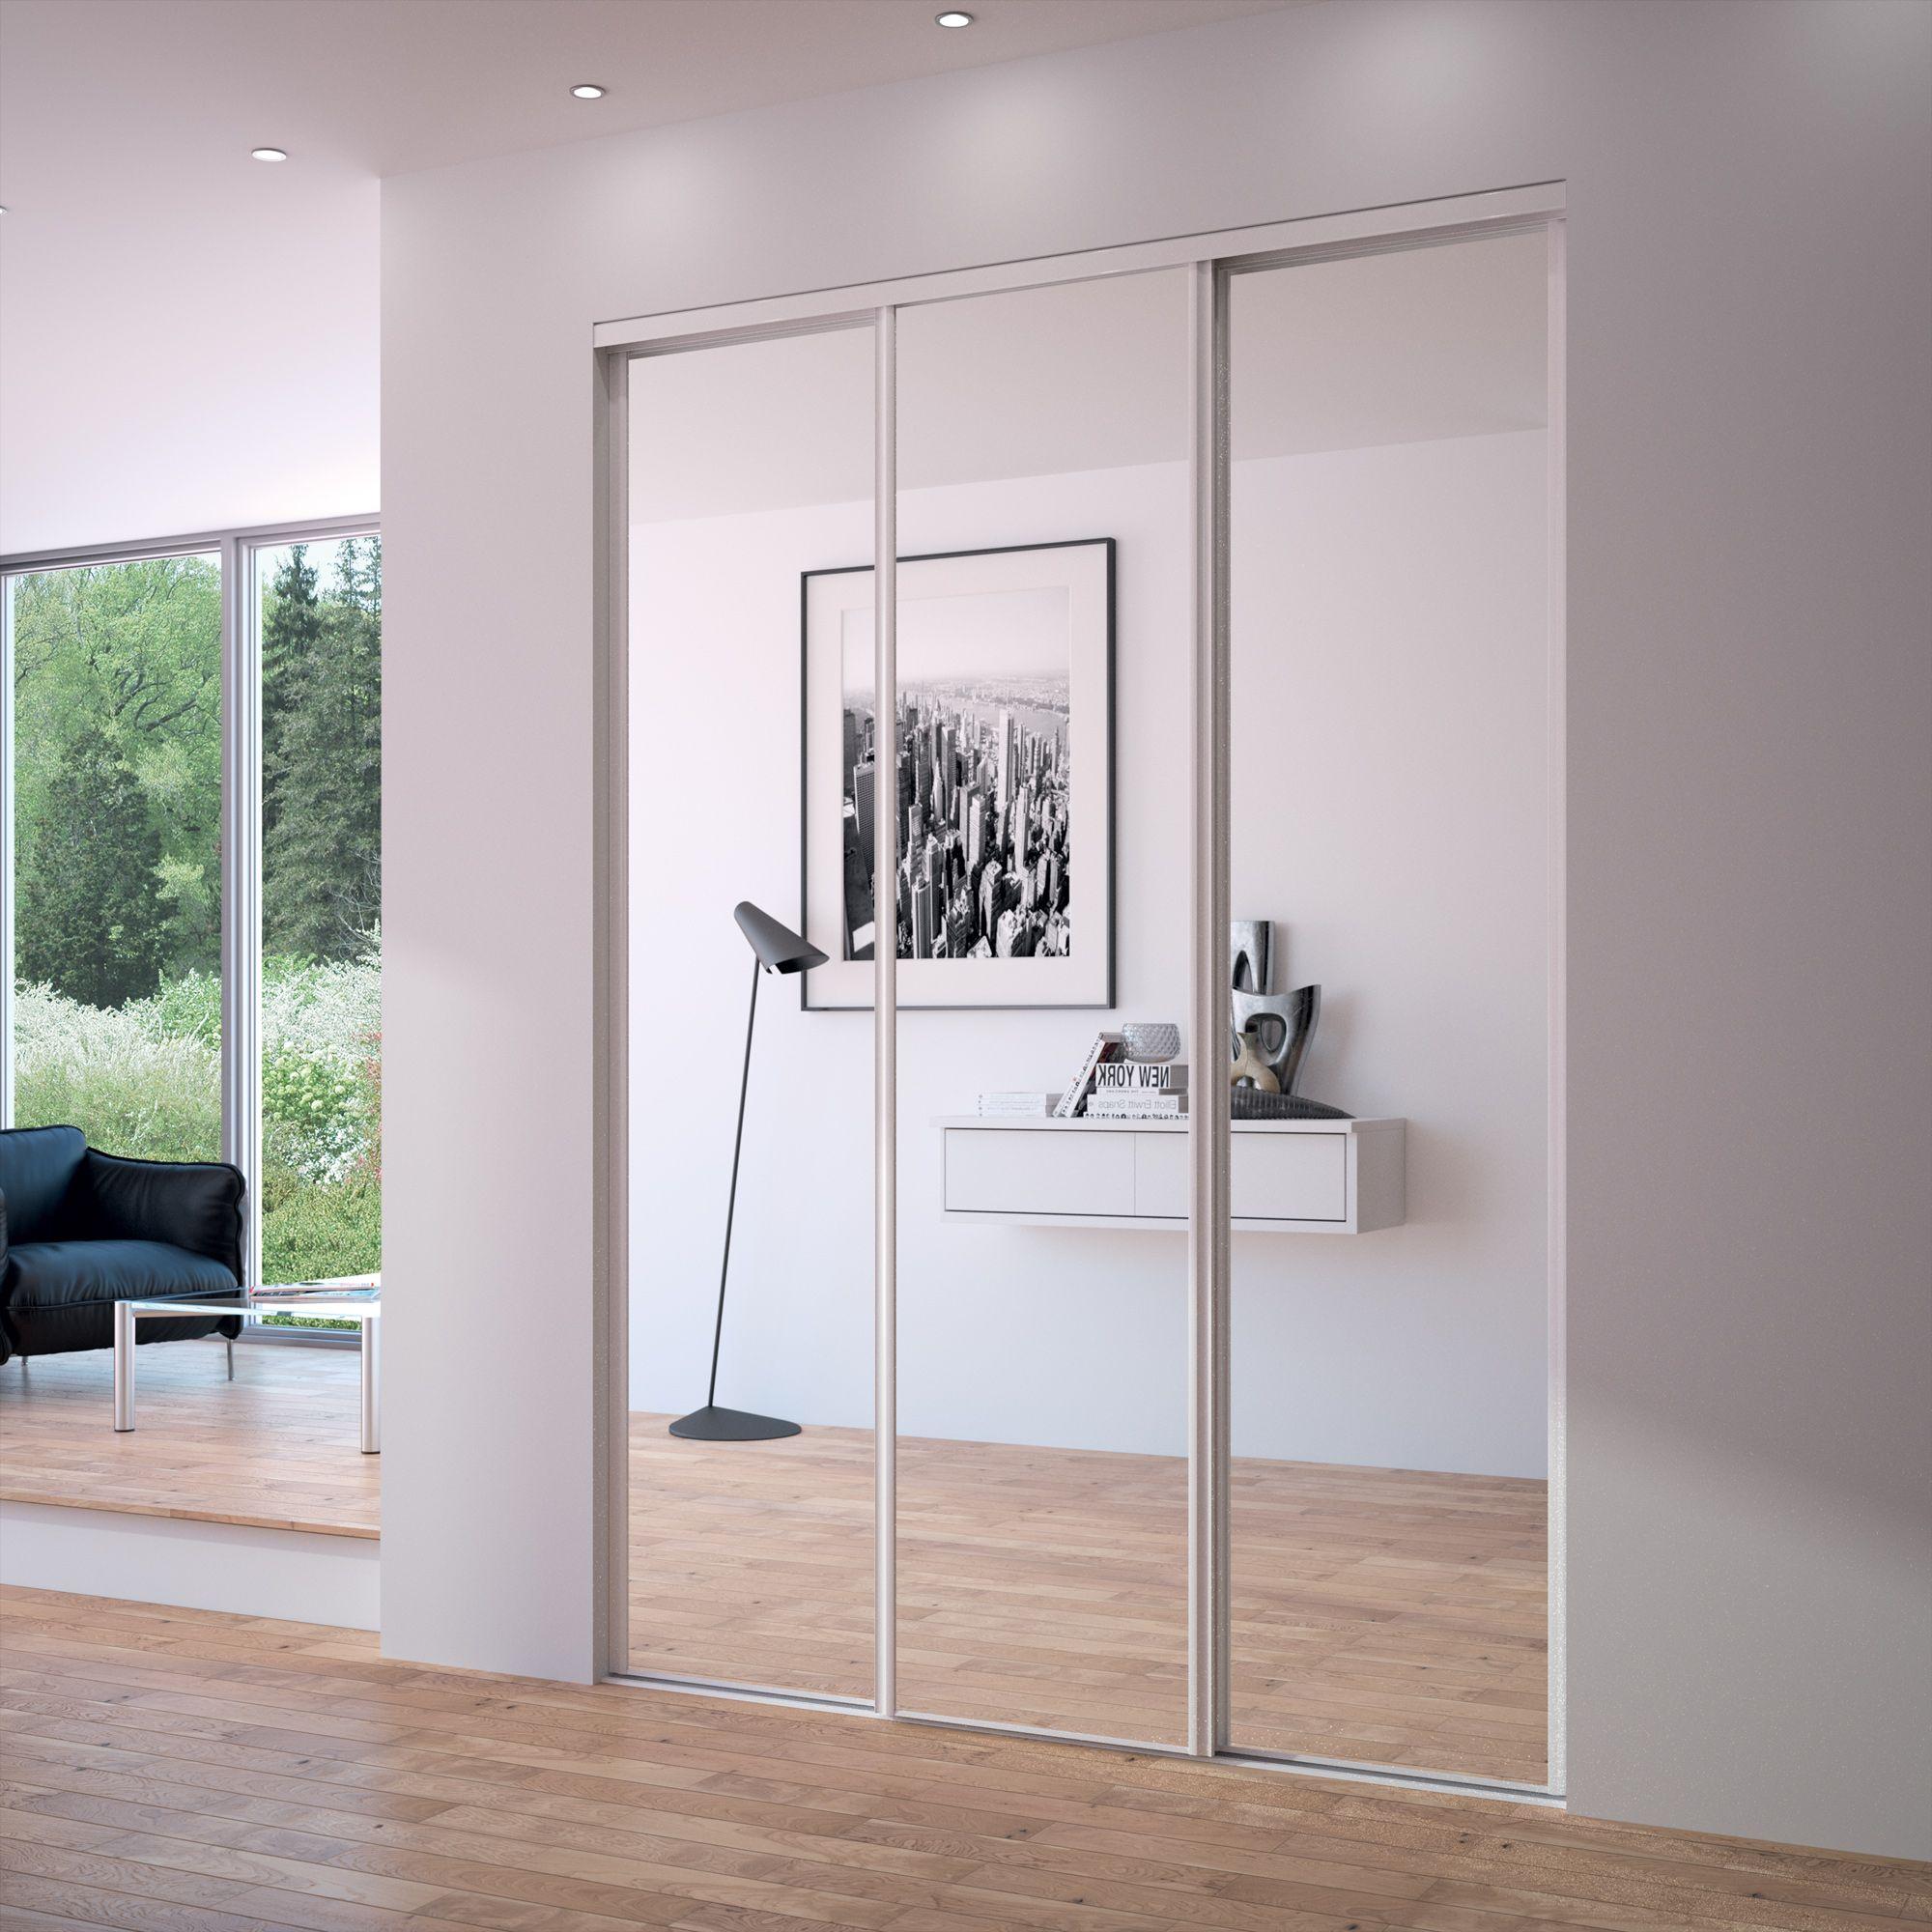 sogal porte placard coulissante mod le acier 1er prix pr mio miroir portes de placard by sogal